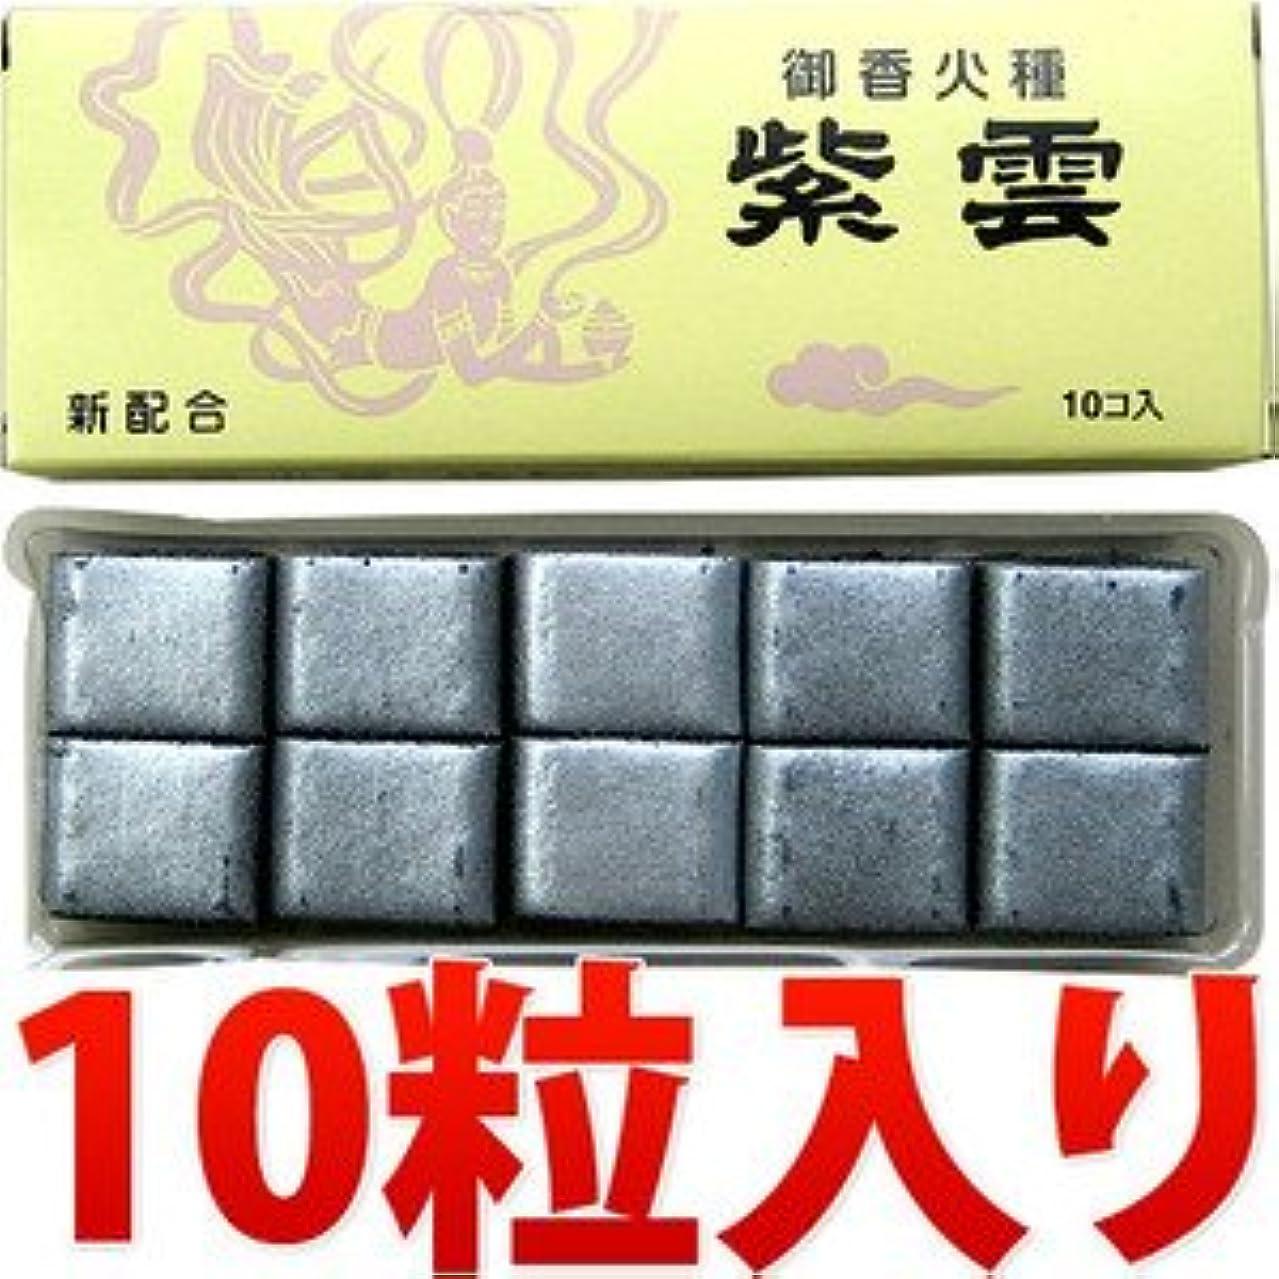 累積マガジンレルムお焼香火種 紫雲 10粒 50セット